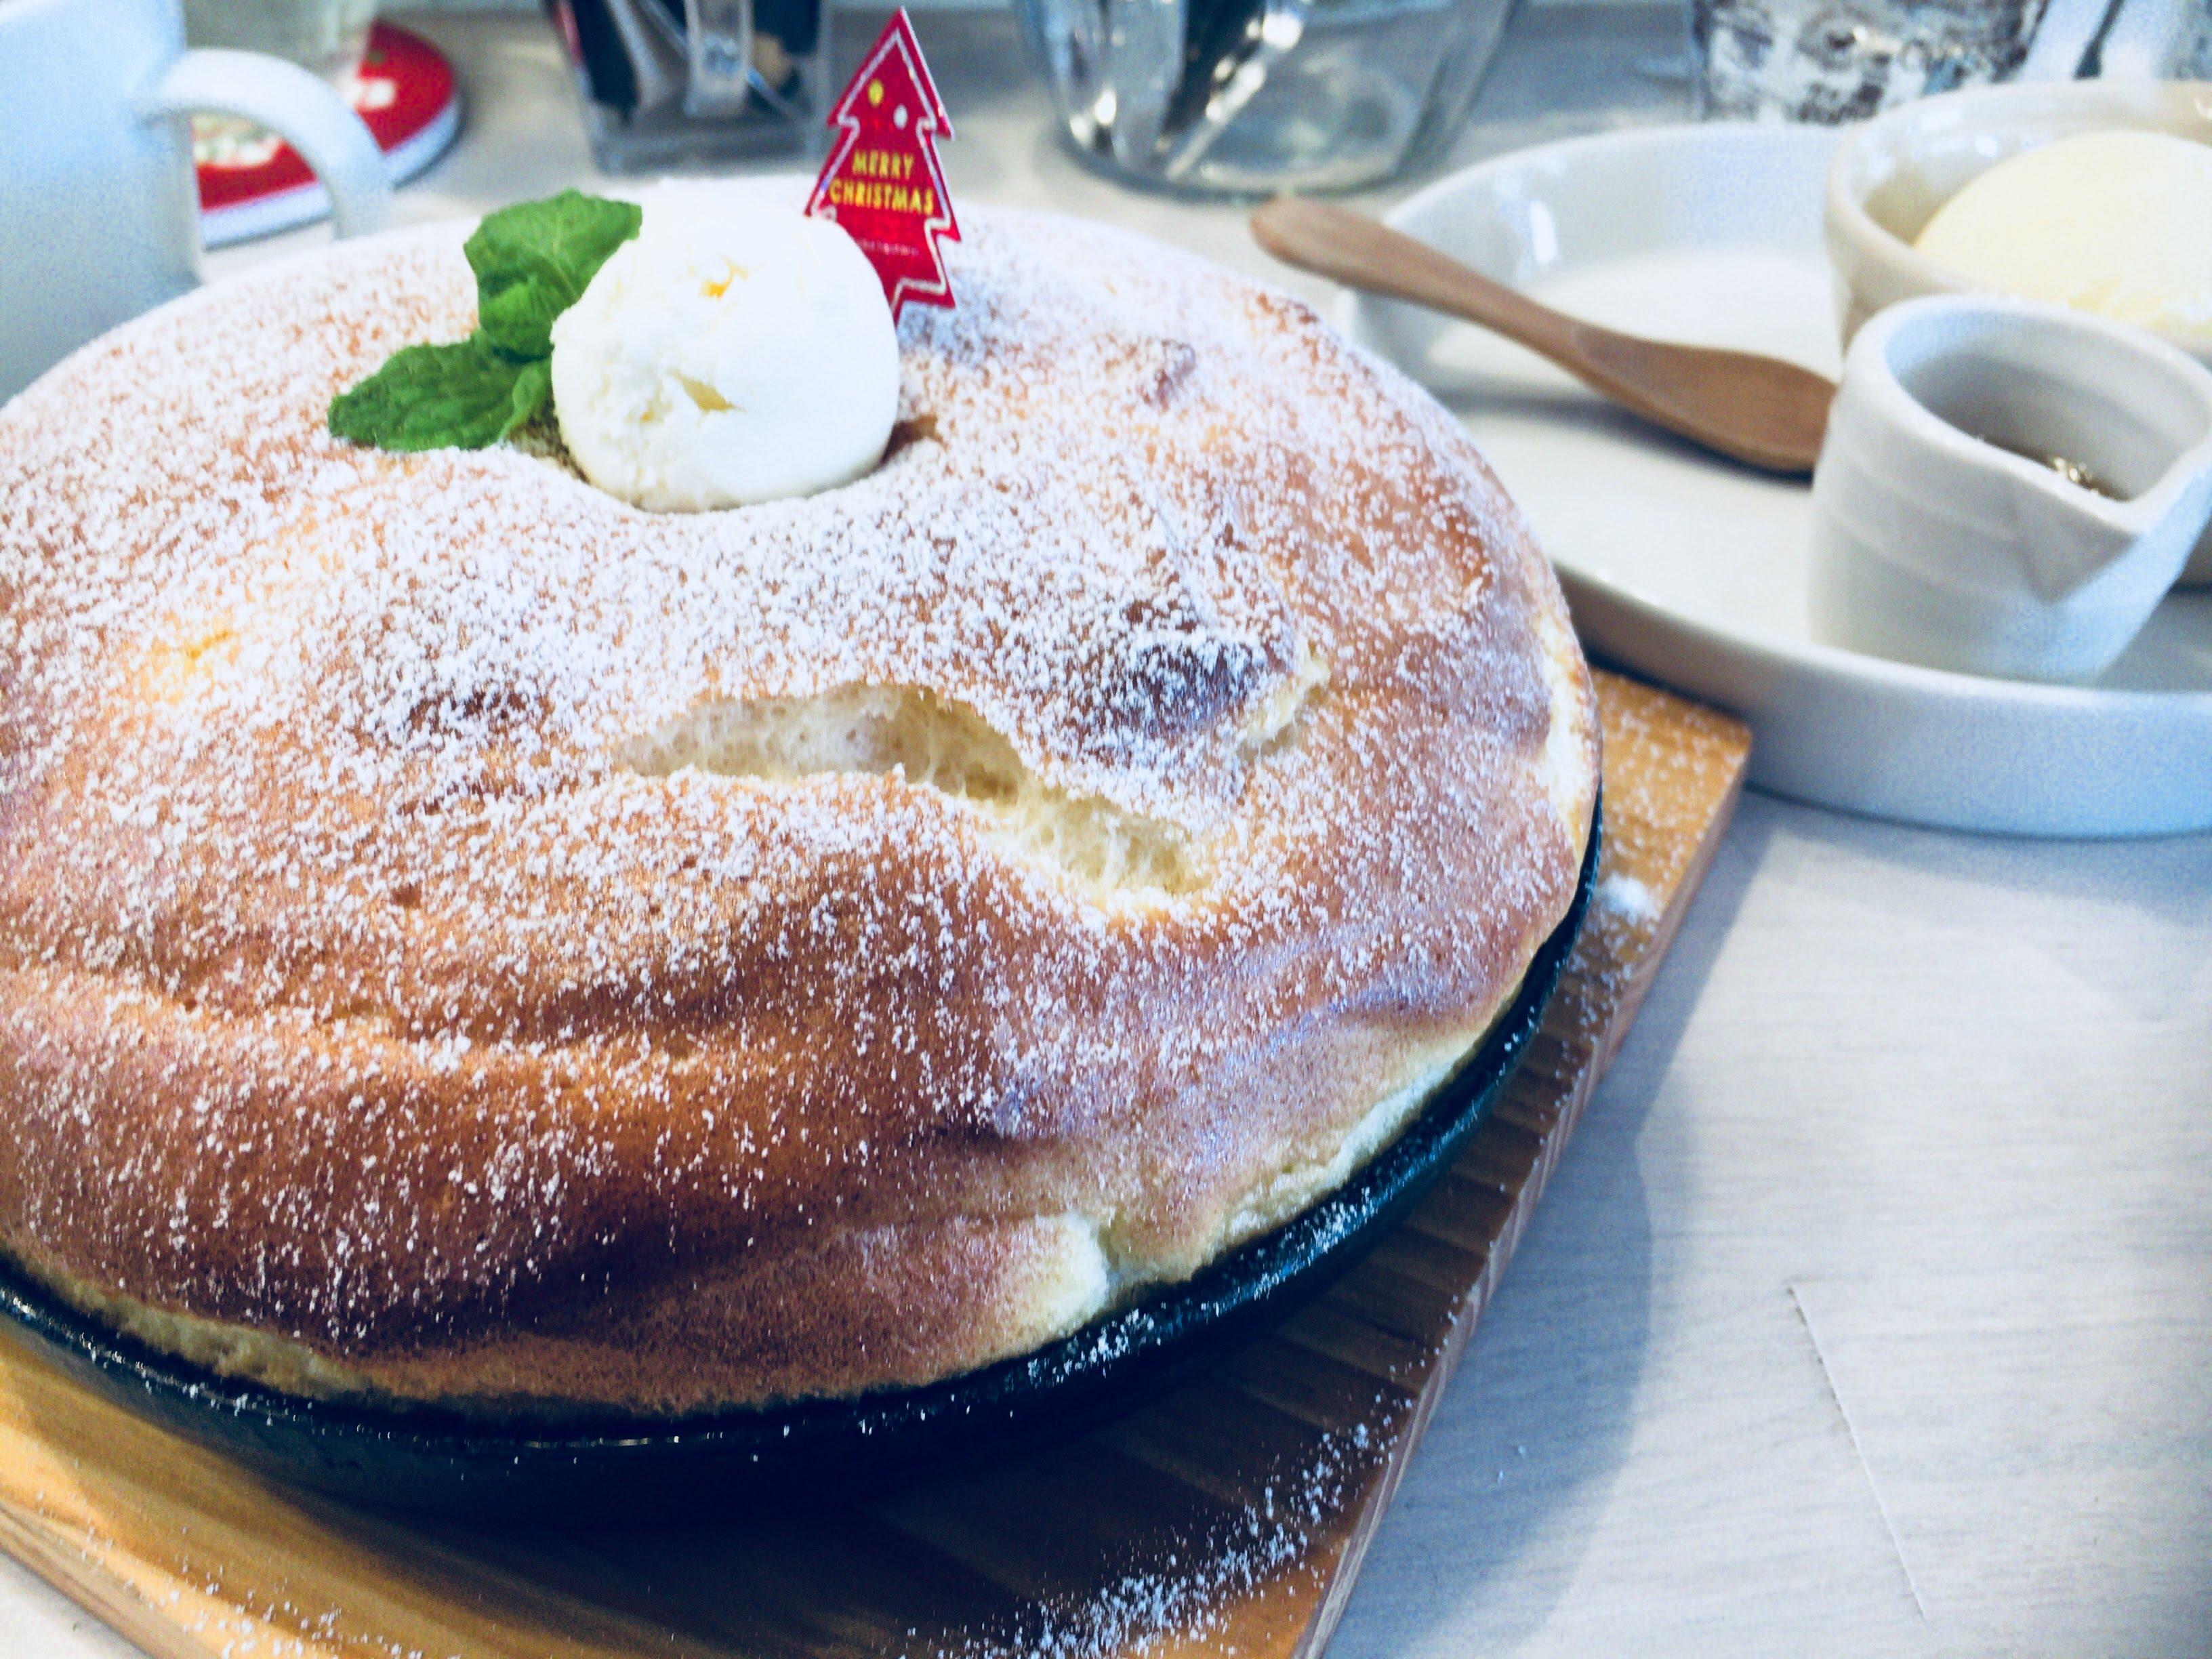 【ブランチカフェミルク】光の森!ふわっふわの新触感パンケーキ@メニュー